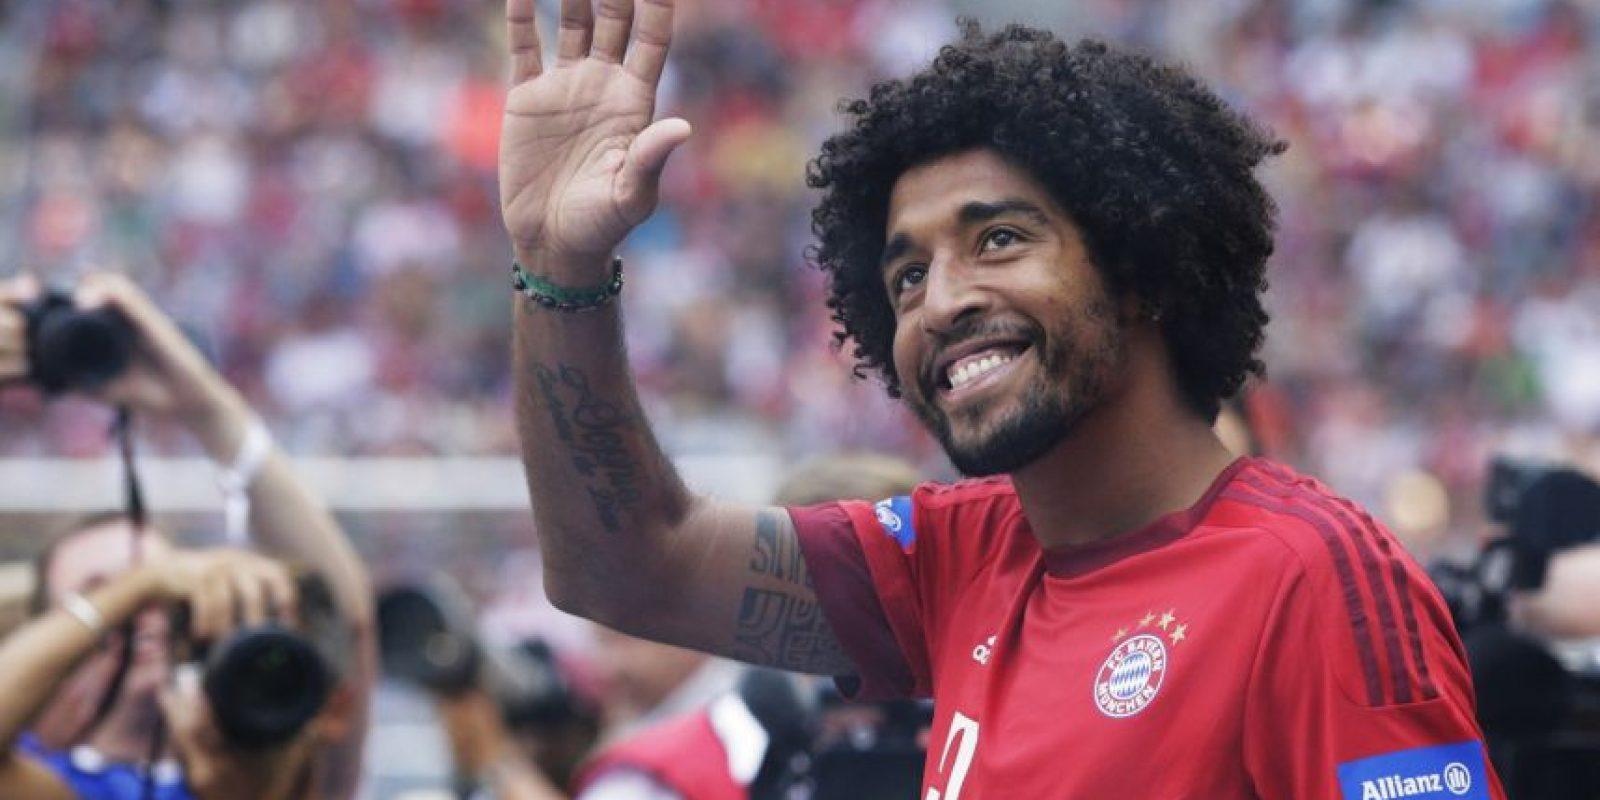 Lleva tres años exitosos en el Bayern Munich, aunque en la temporada pasada, el marroquí Mehdi Benatia se hizo de un lugar en el equipo y podría enviar al brasileño esta temporada a la banca. Foto:Getty Images